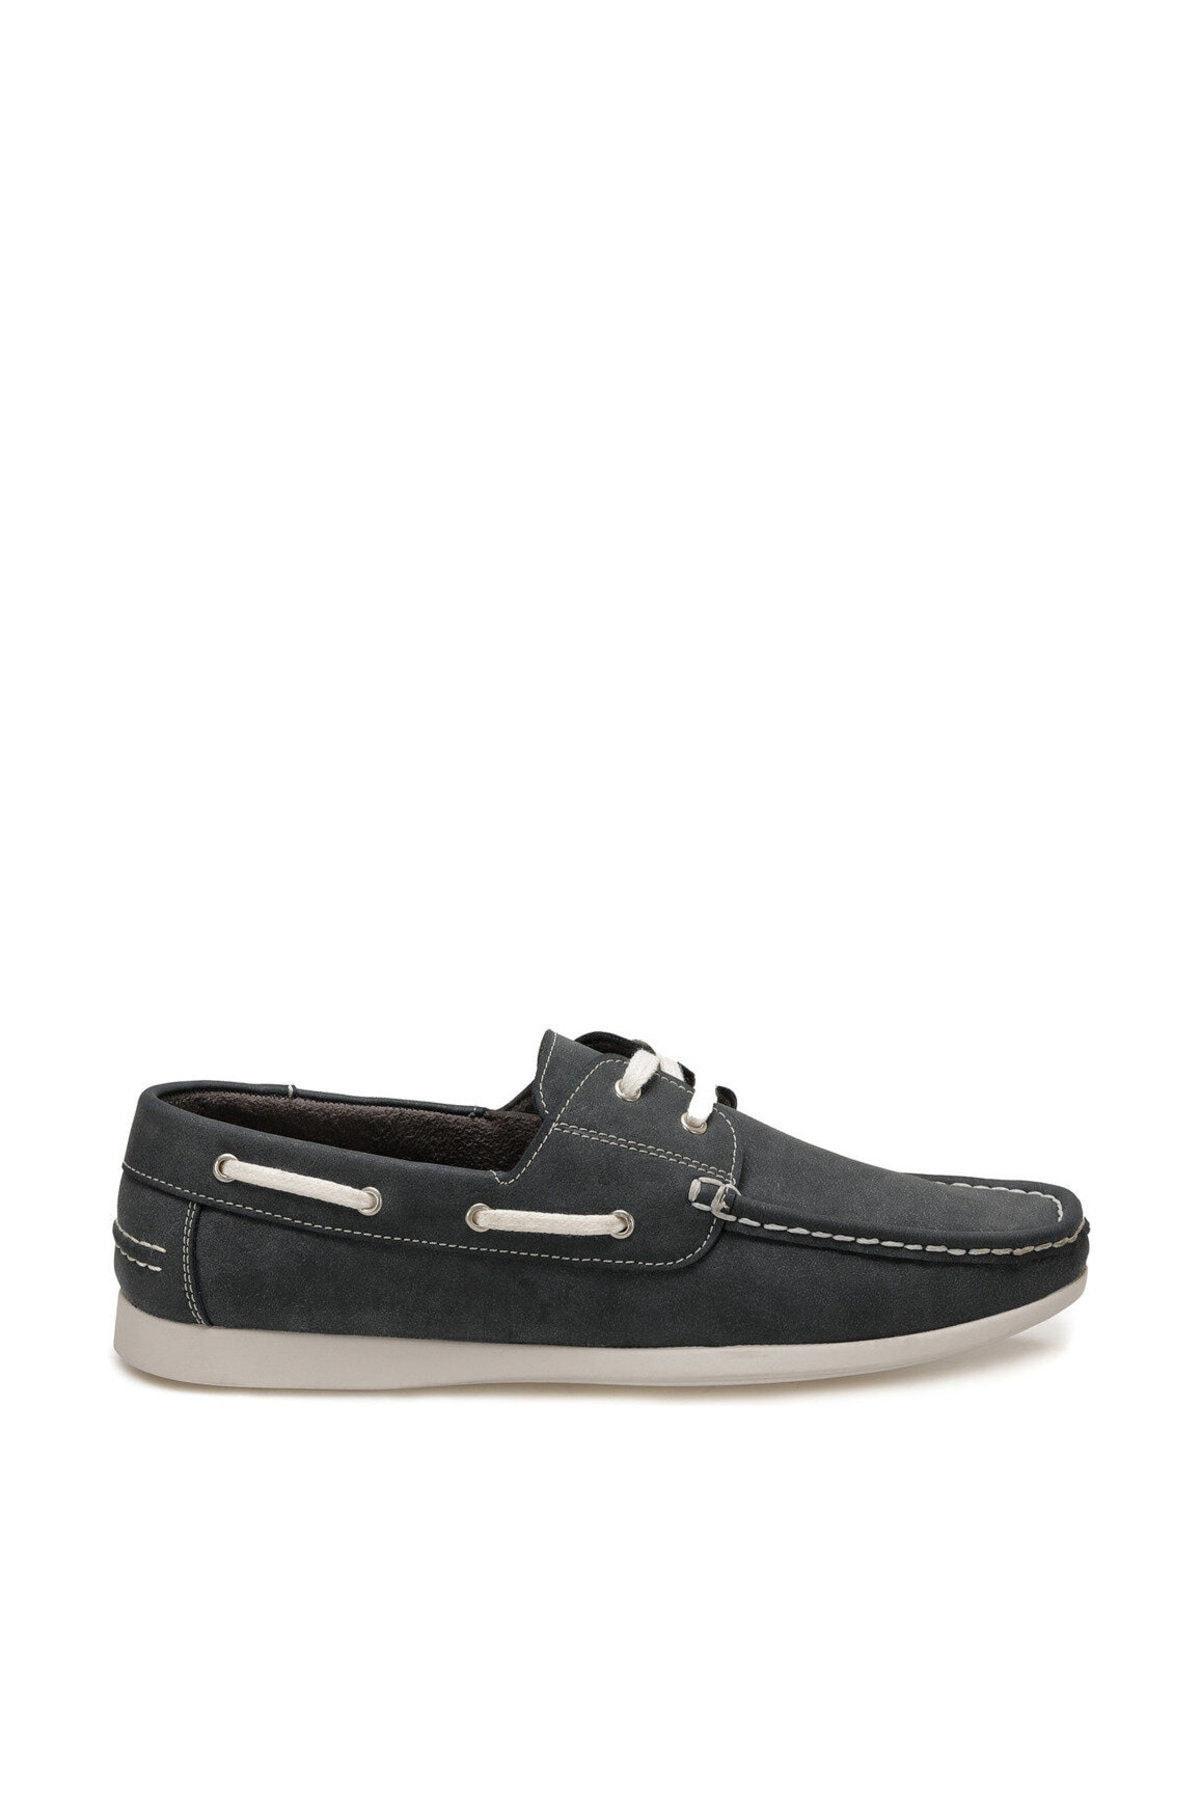 OXIDE MRB71 Lacivert Erkek Ayakkabı 100518289 2